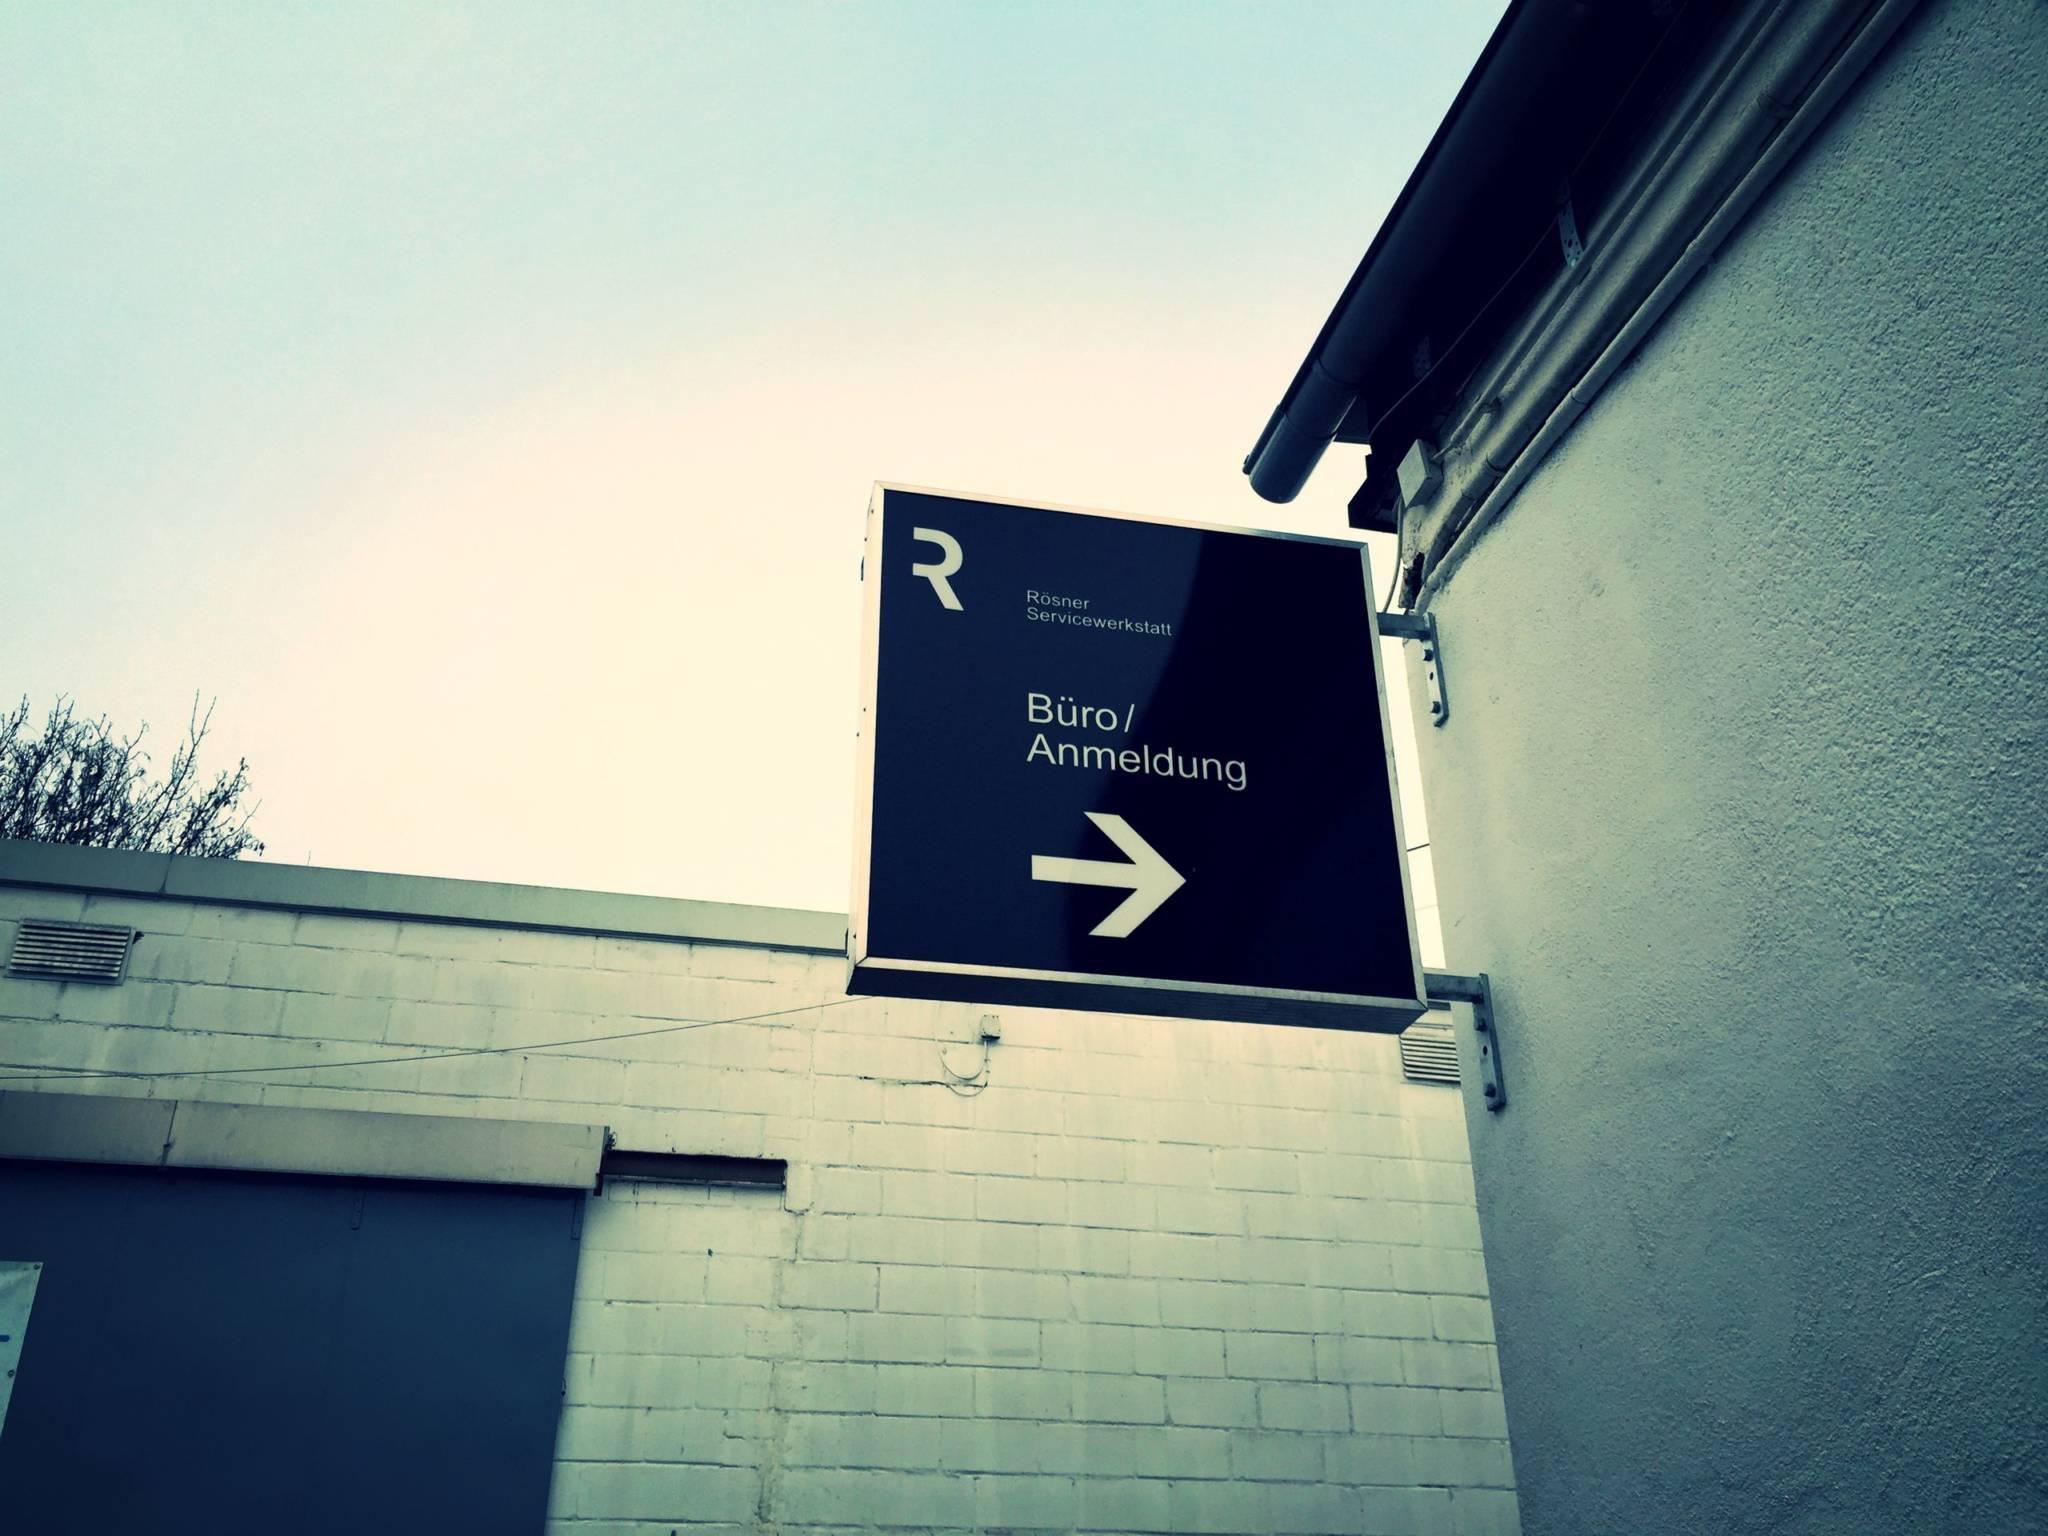 Erfahrungsbericht – Autowerkstatt Rösner in Darmstadt